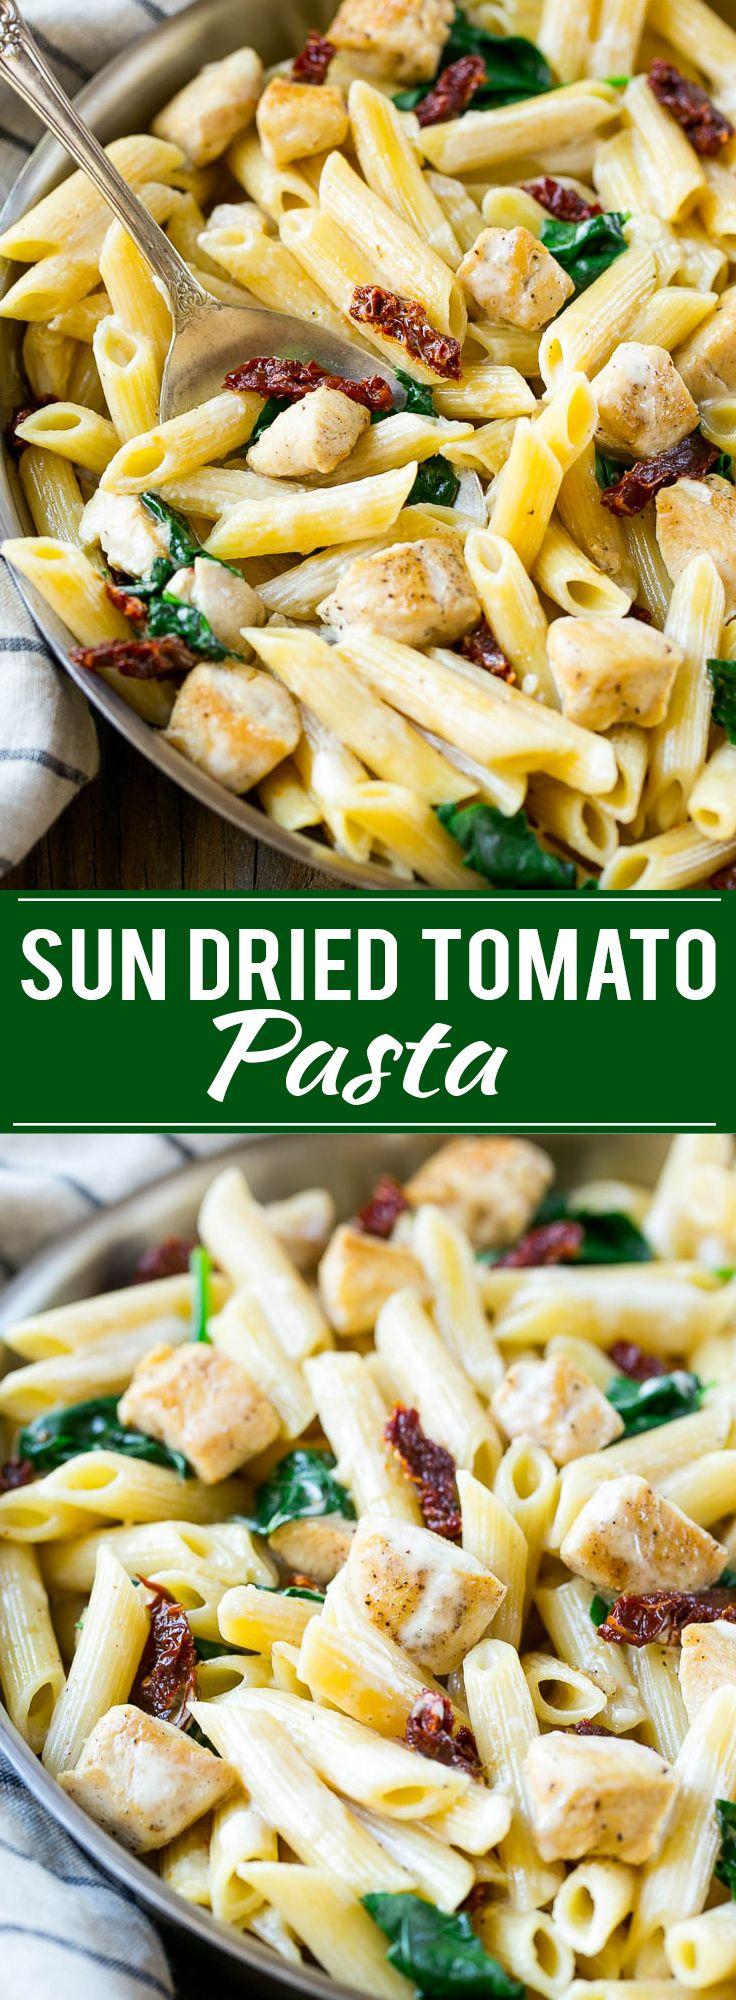 Sun Dried Tomato Pasta